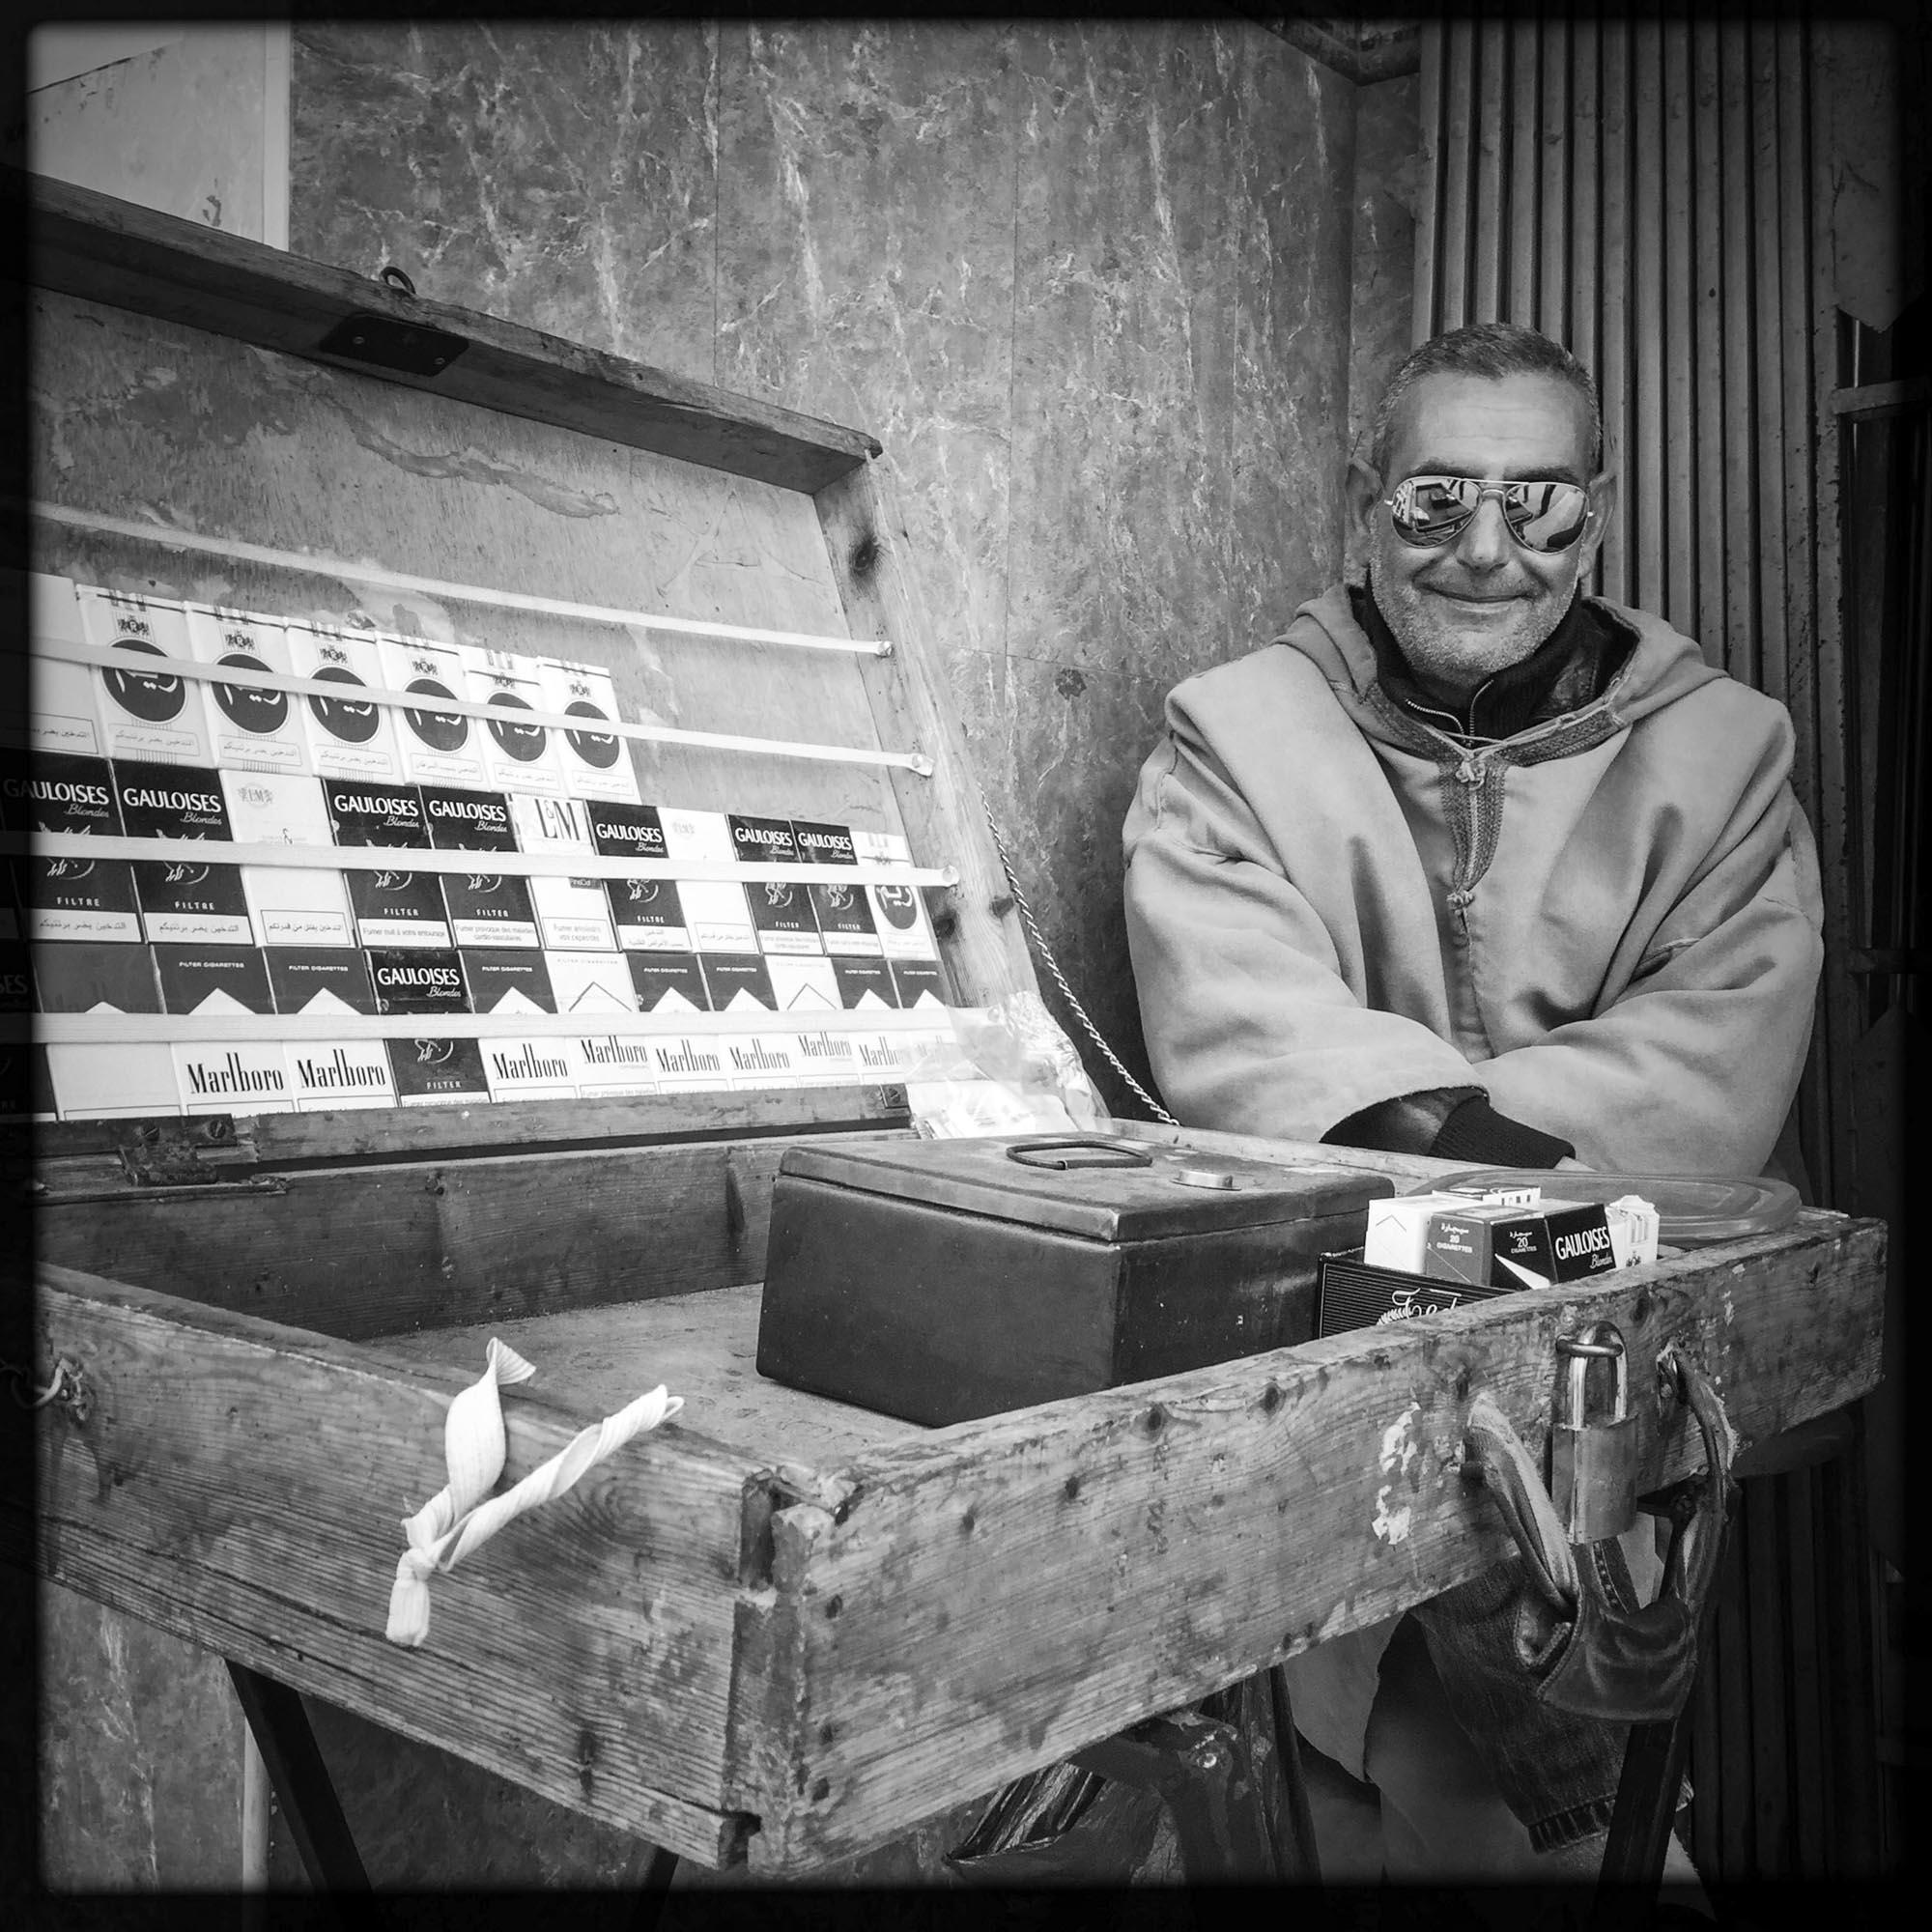 Un vendeur de cigarettes devant un café. 13/02/2016, Guelma-Algérie.